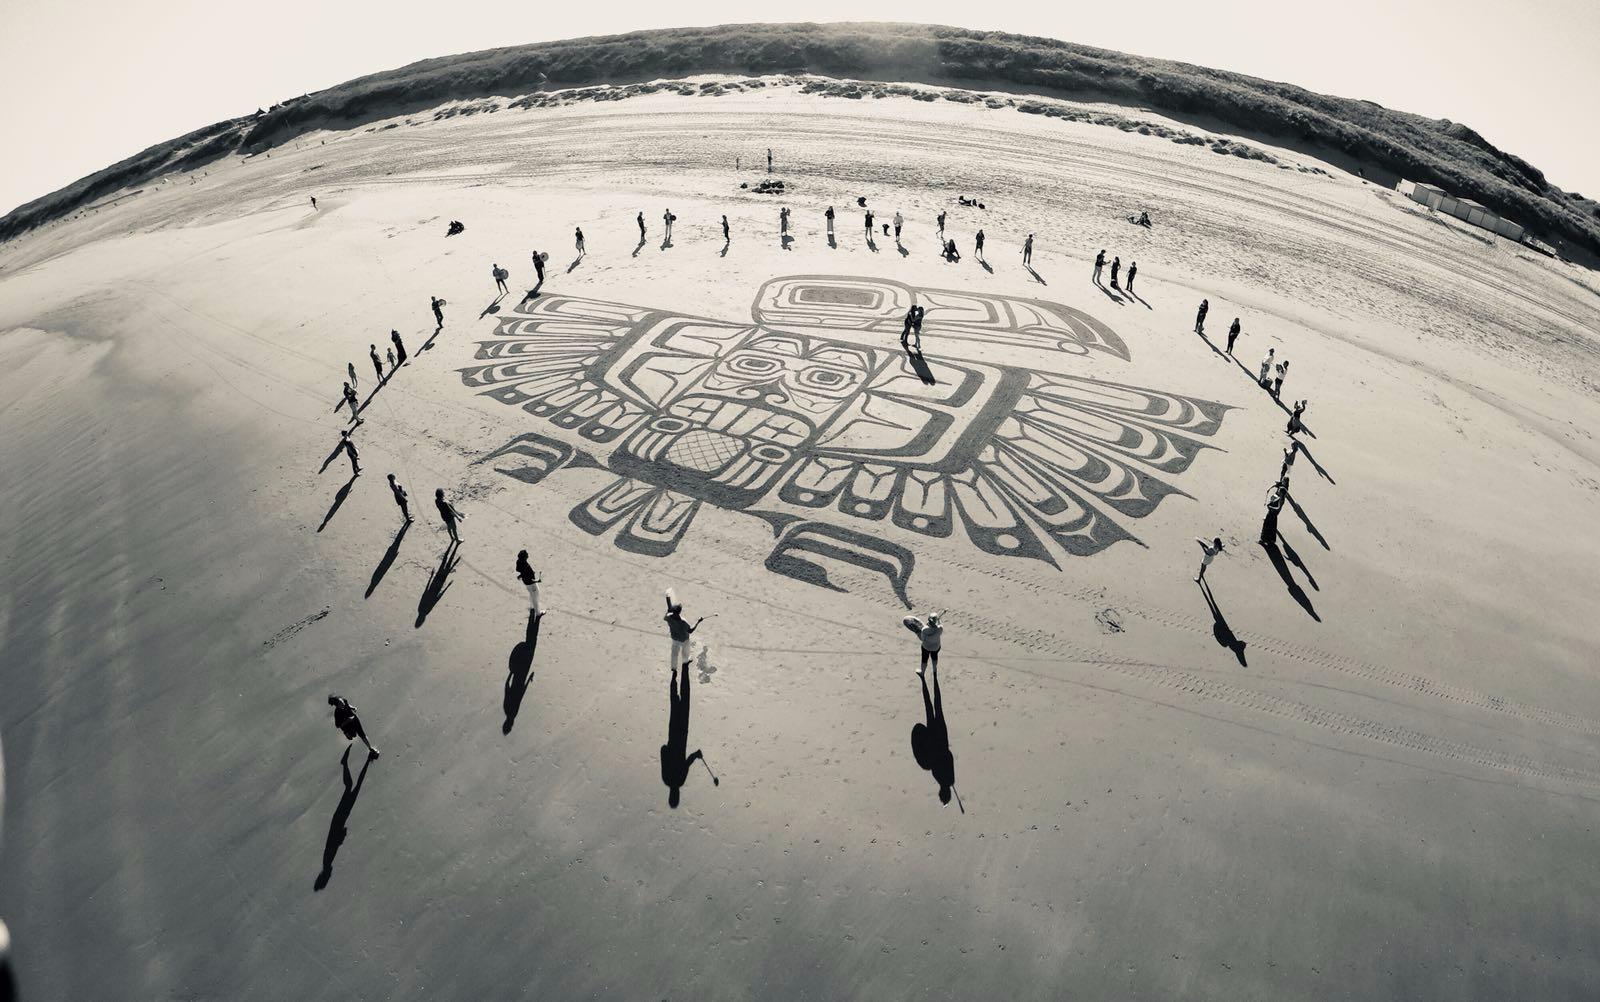 Dankbaar - Ons boek 'voor alles dankbaar' is een ode aan de dankbaarheid. Het is geïllustreerd door Tim Hoekstra de tekenaar van het 'zandgebed' hier links op de foto. De tekst in het boekje is gebaseerd op een oeroude dankzegging die relevant is voor iedereen. Een inspirerend geschenk voor jezelf of een ander. Nu hier te koop!